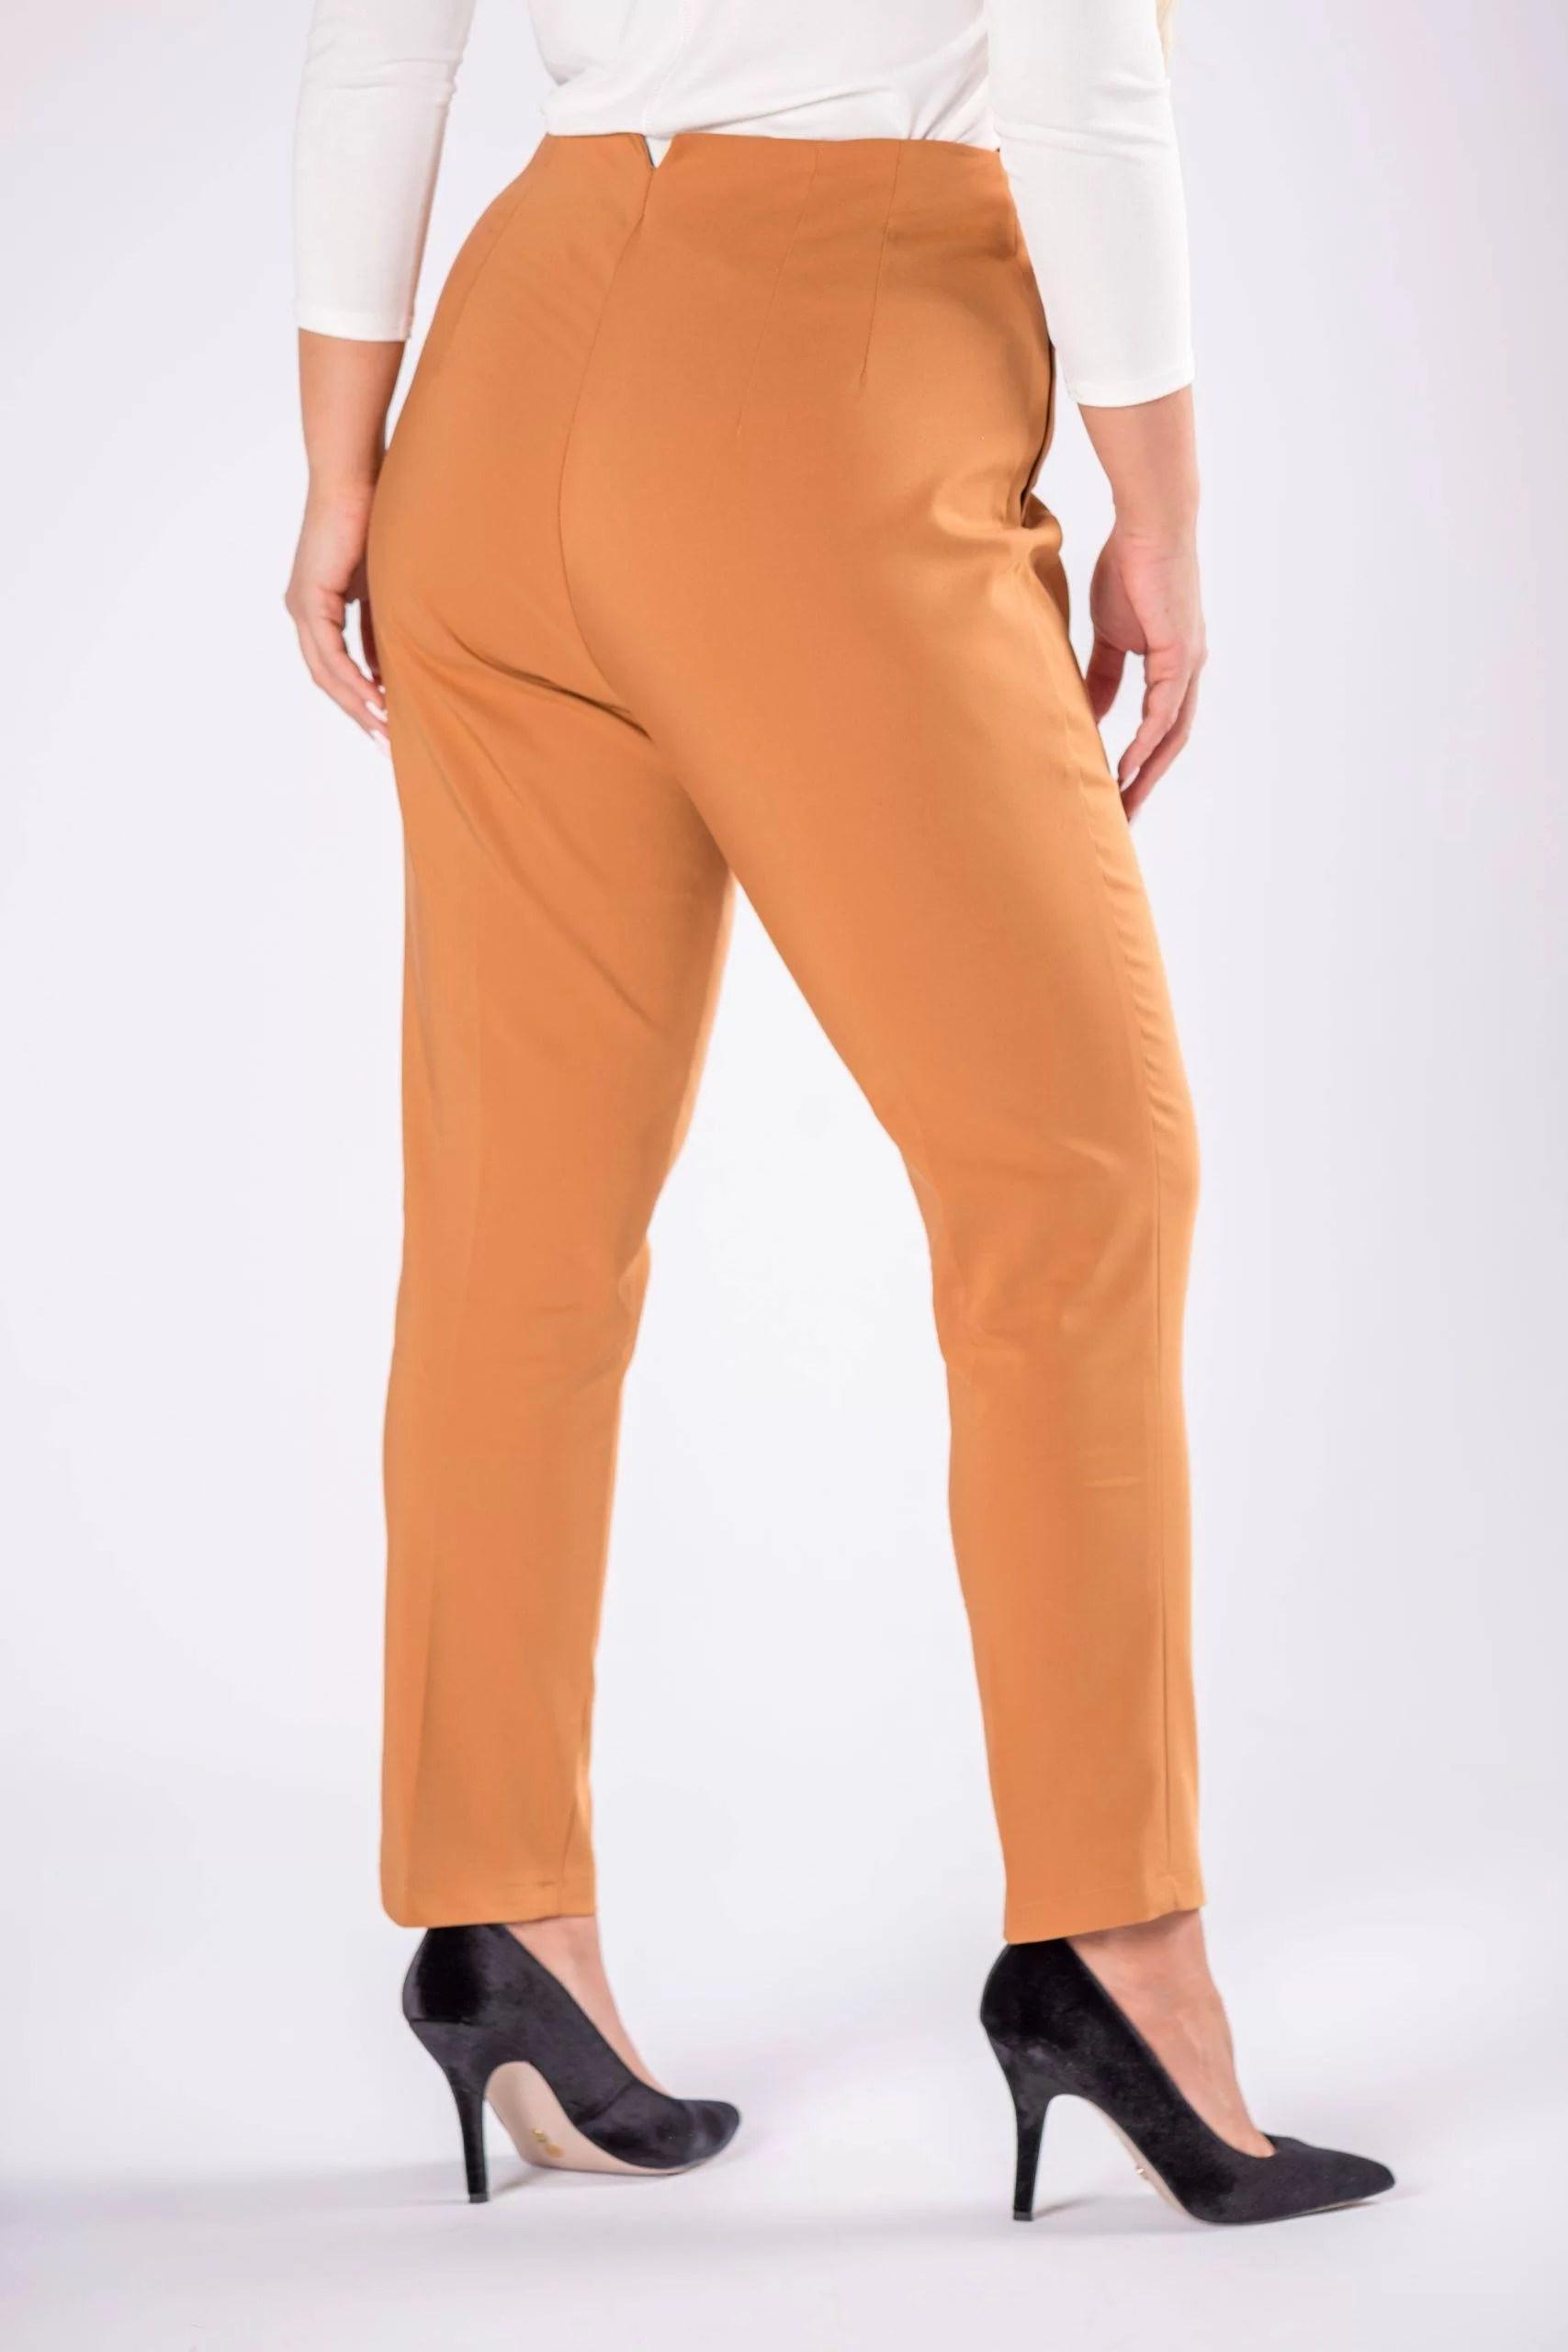 Spodnie Milano Honey